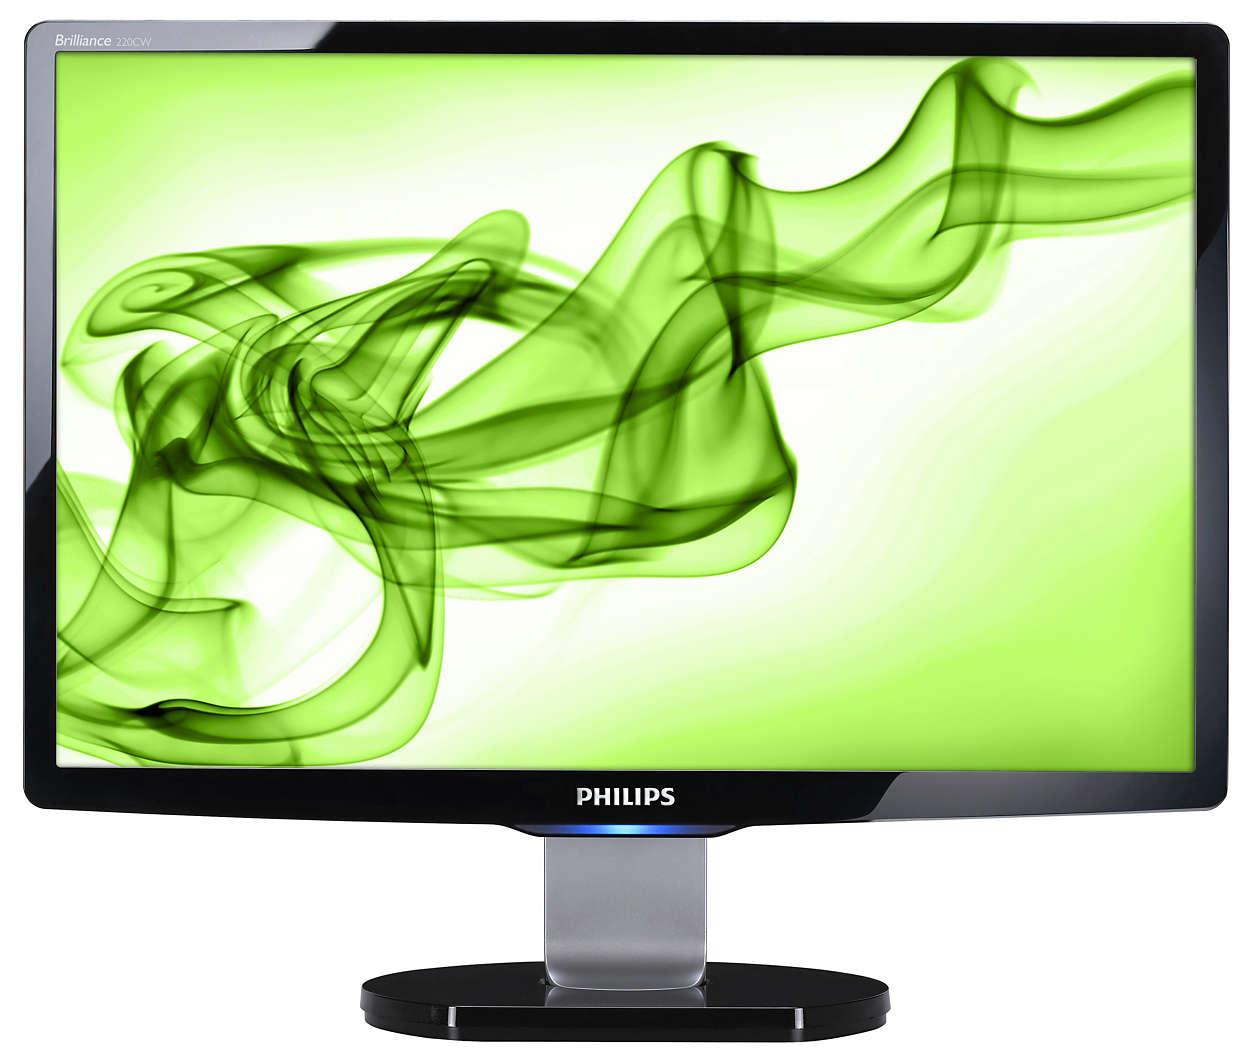 จอกว้างขนาดใหญ่มีสไตล์เพื่อความบันเทิงจากทีวีและคอมพิวเตอร์ในบ้าน